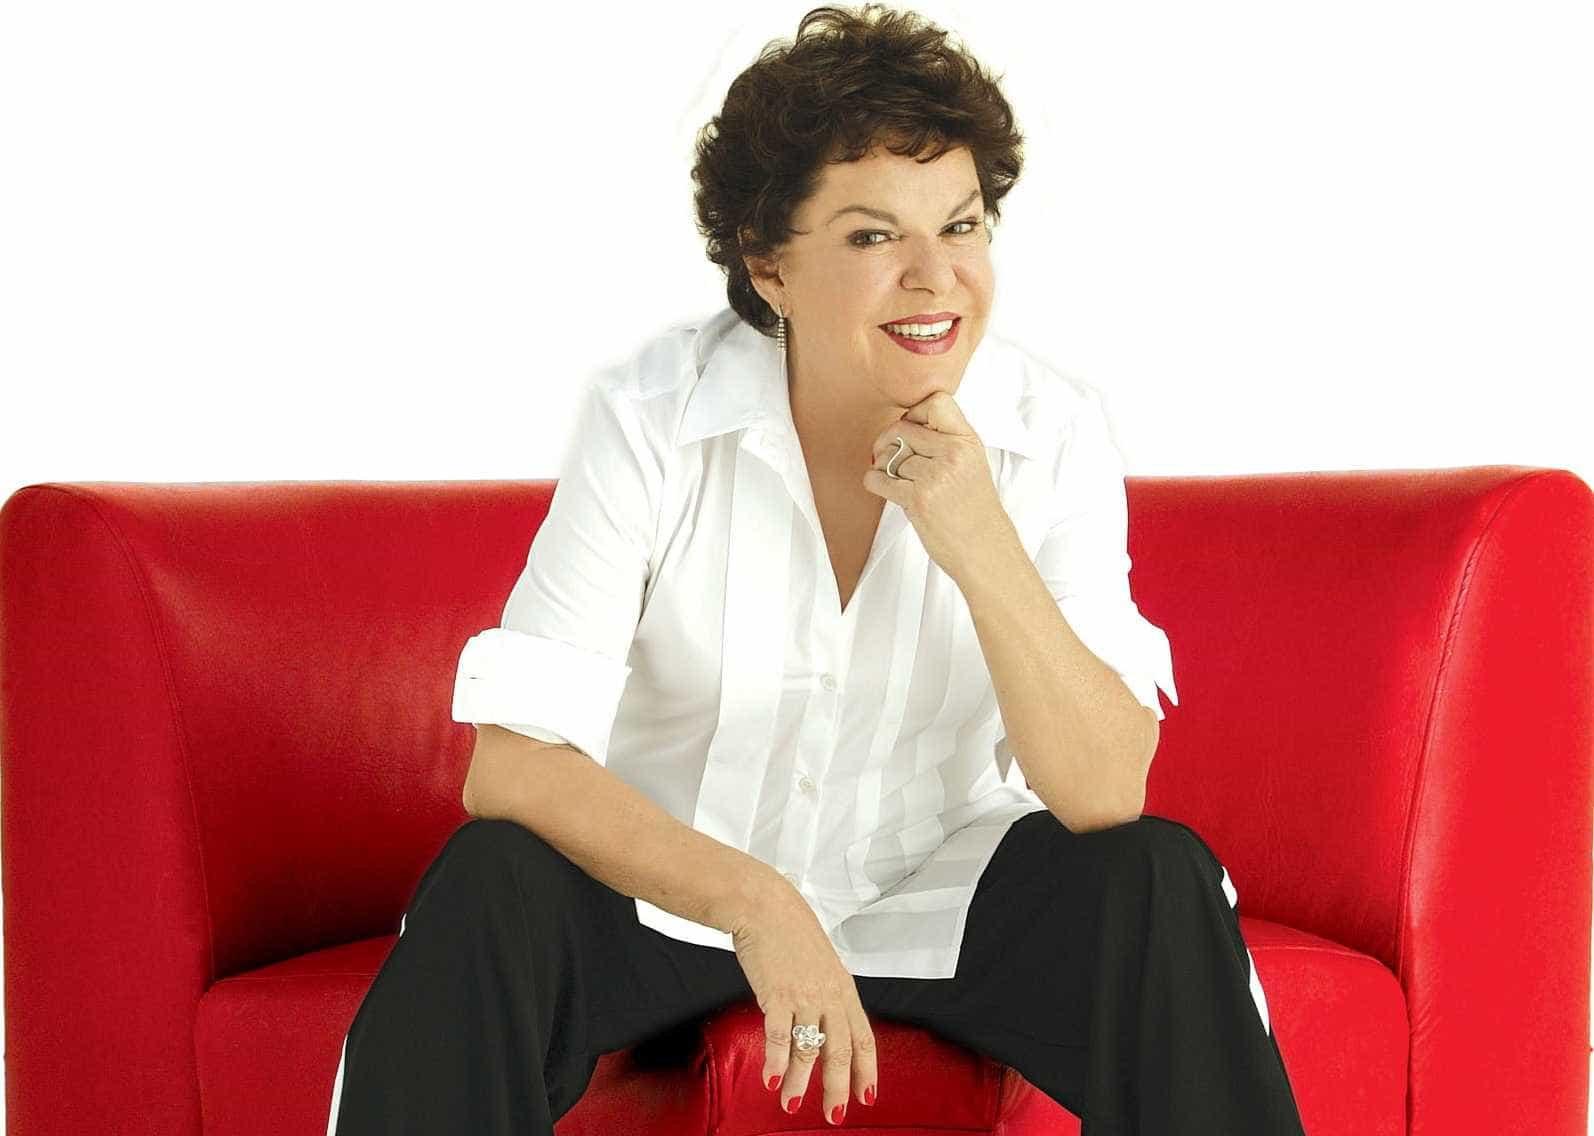 Morre cantora e compositora Miúcha, aos 81 anos